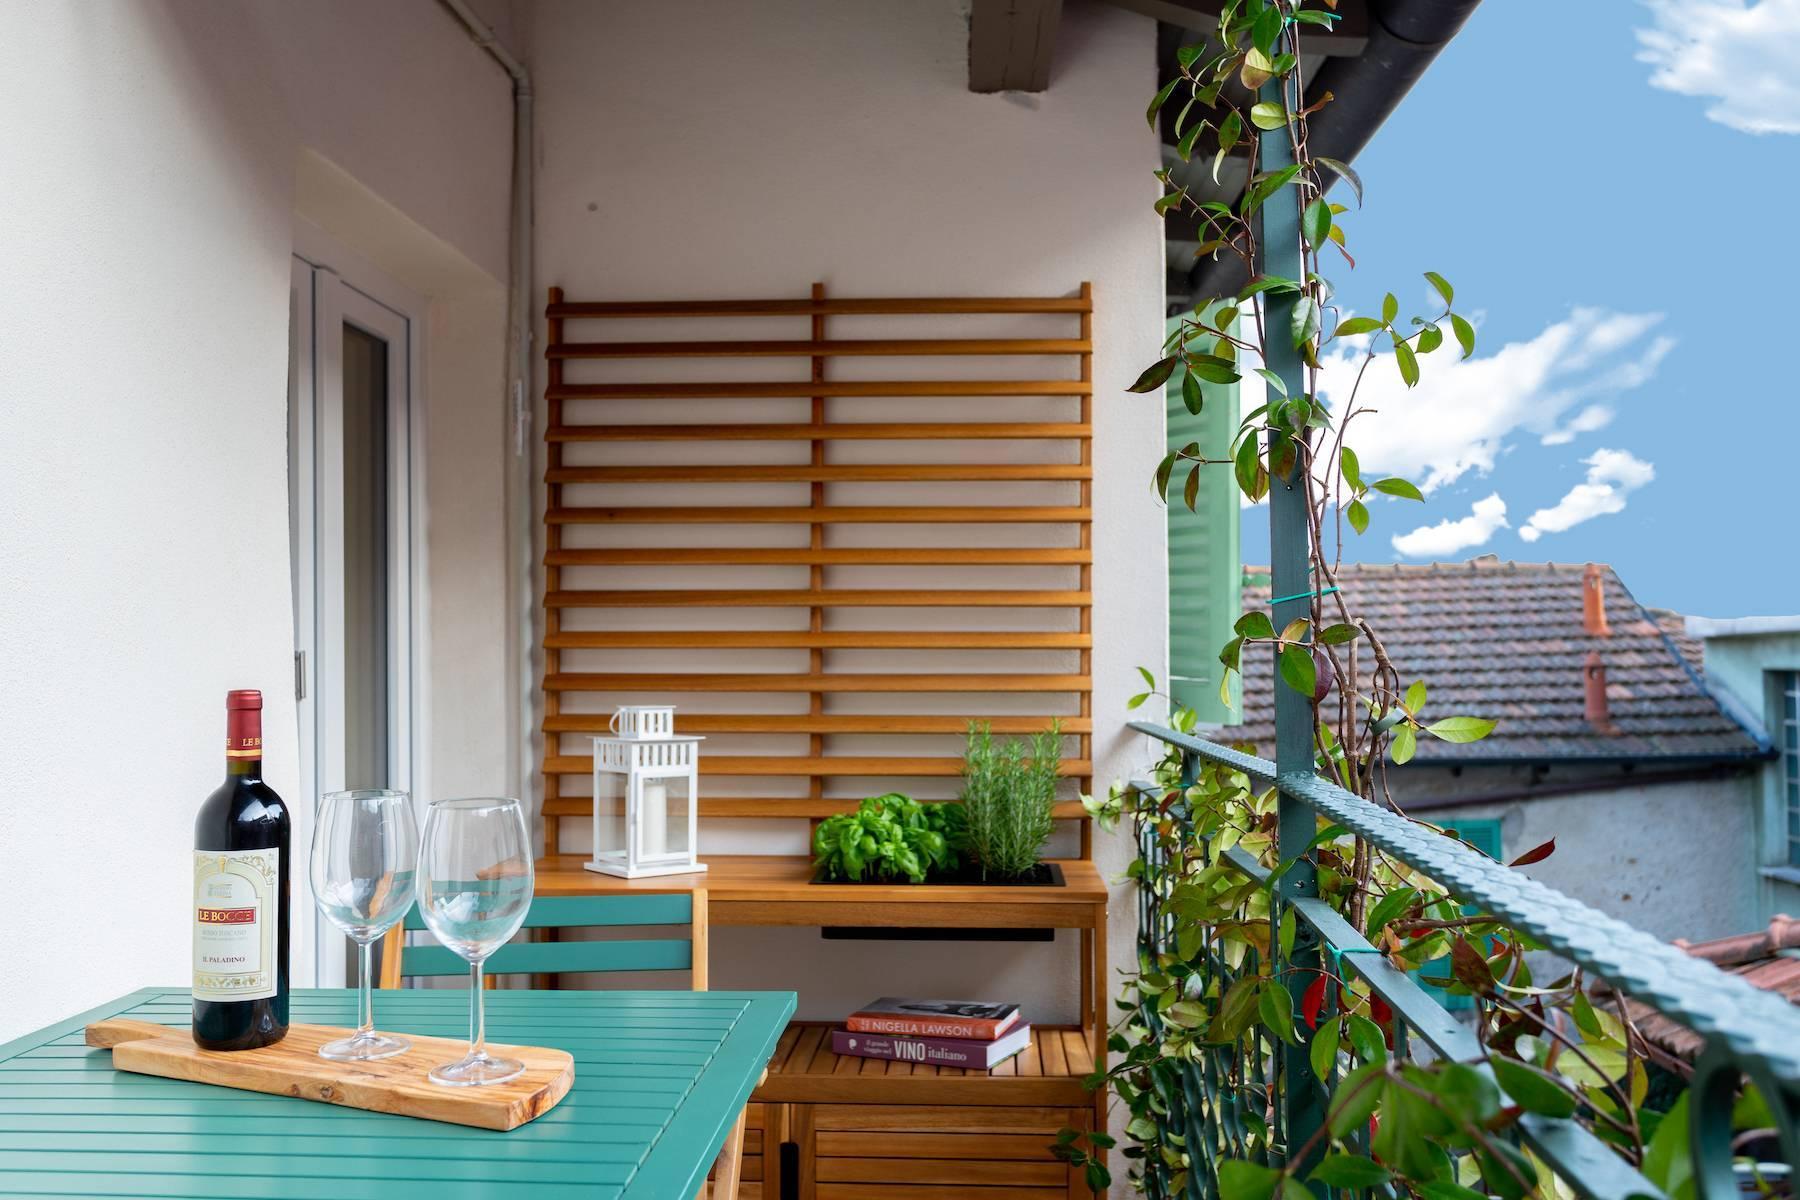 Appartamento accogliente a Belgirate con vista sul Lago Maggiore - 2